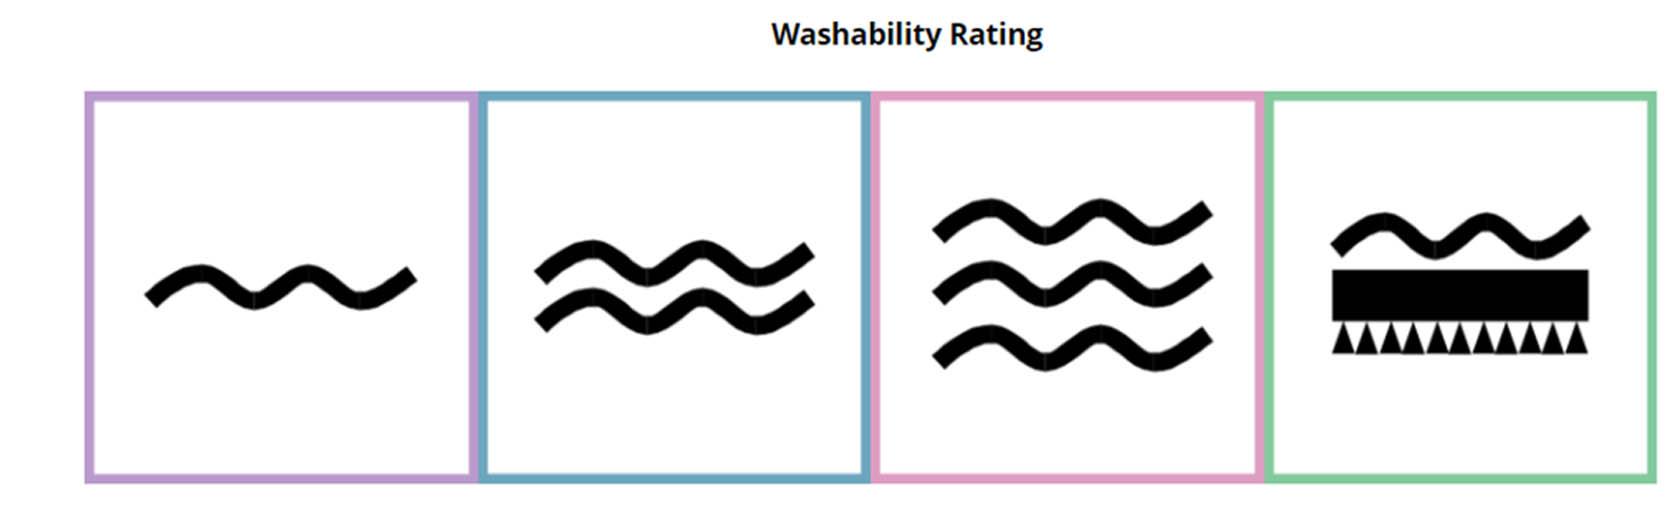 Washability Rating